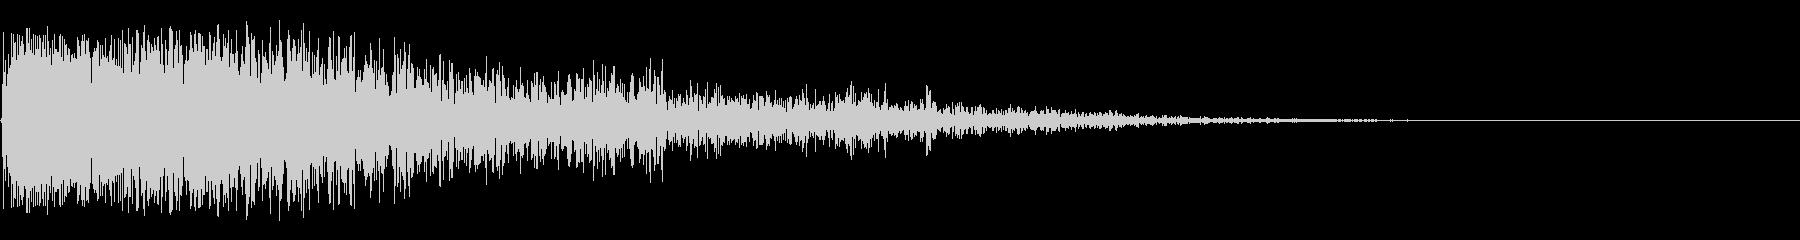 銃声 ピストル ガン(バキューン、バーンの未再生の波形